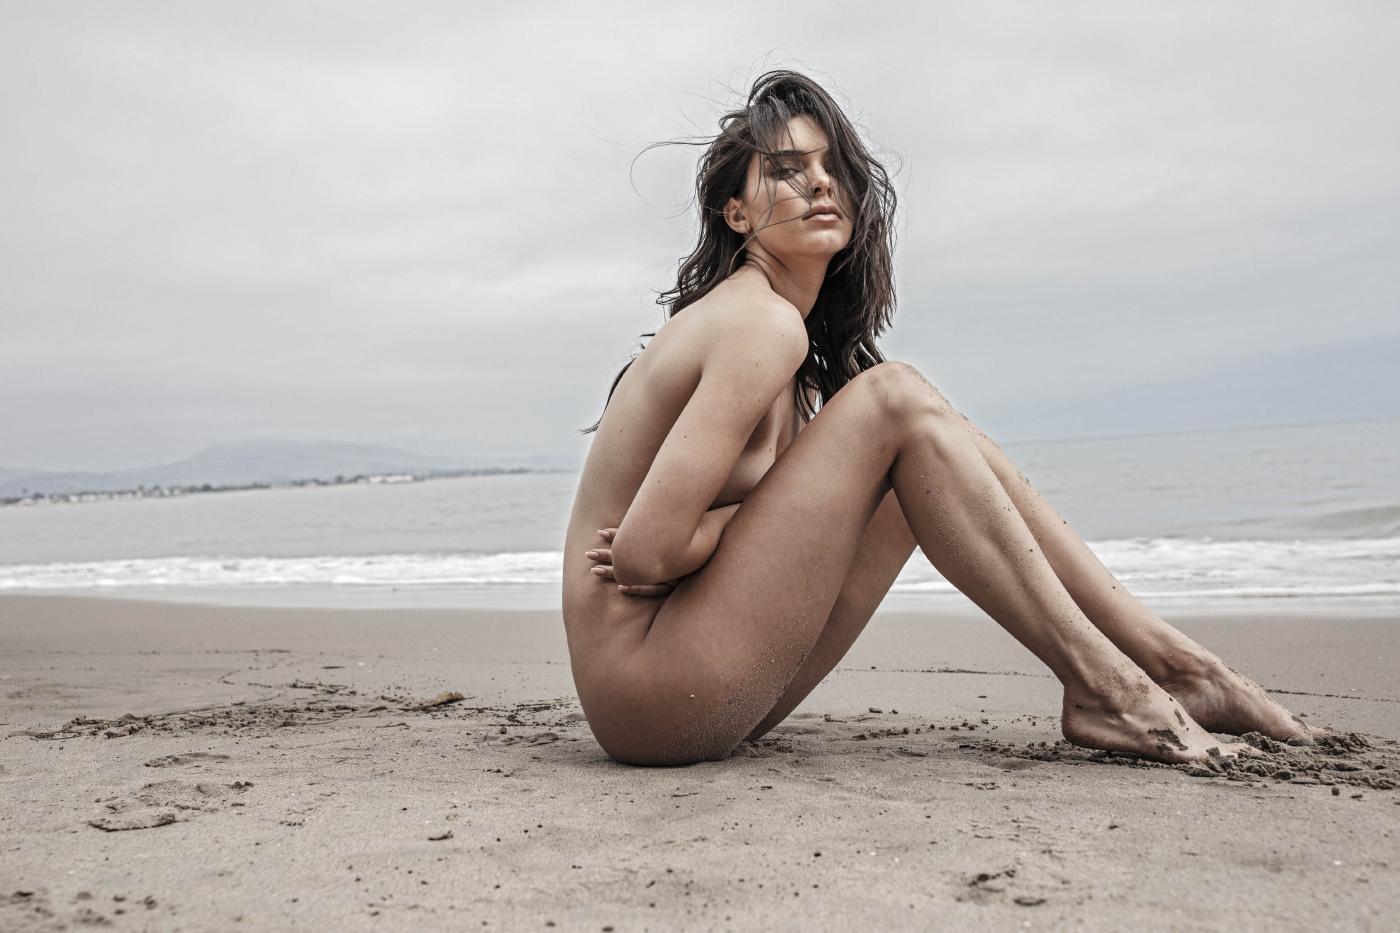 Kendall Jenner Nude Magazine Photoshoot Leaked Fxsrtl